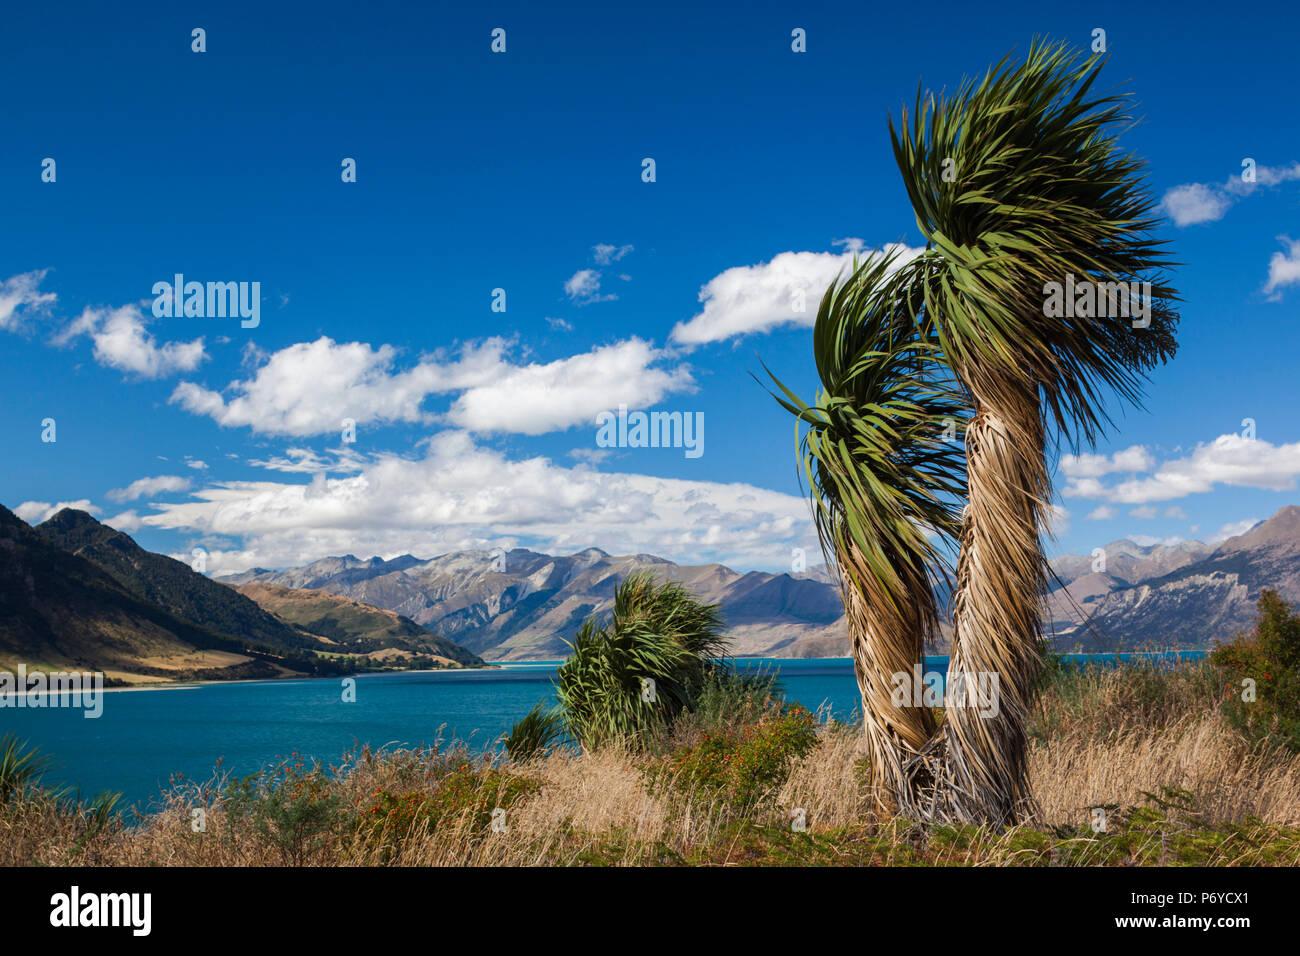 Nouvelle Zélande, île du Sud, de la région de l'Otago, Wanaka, lac Hawea Photo Stock